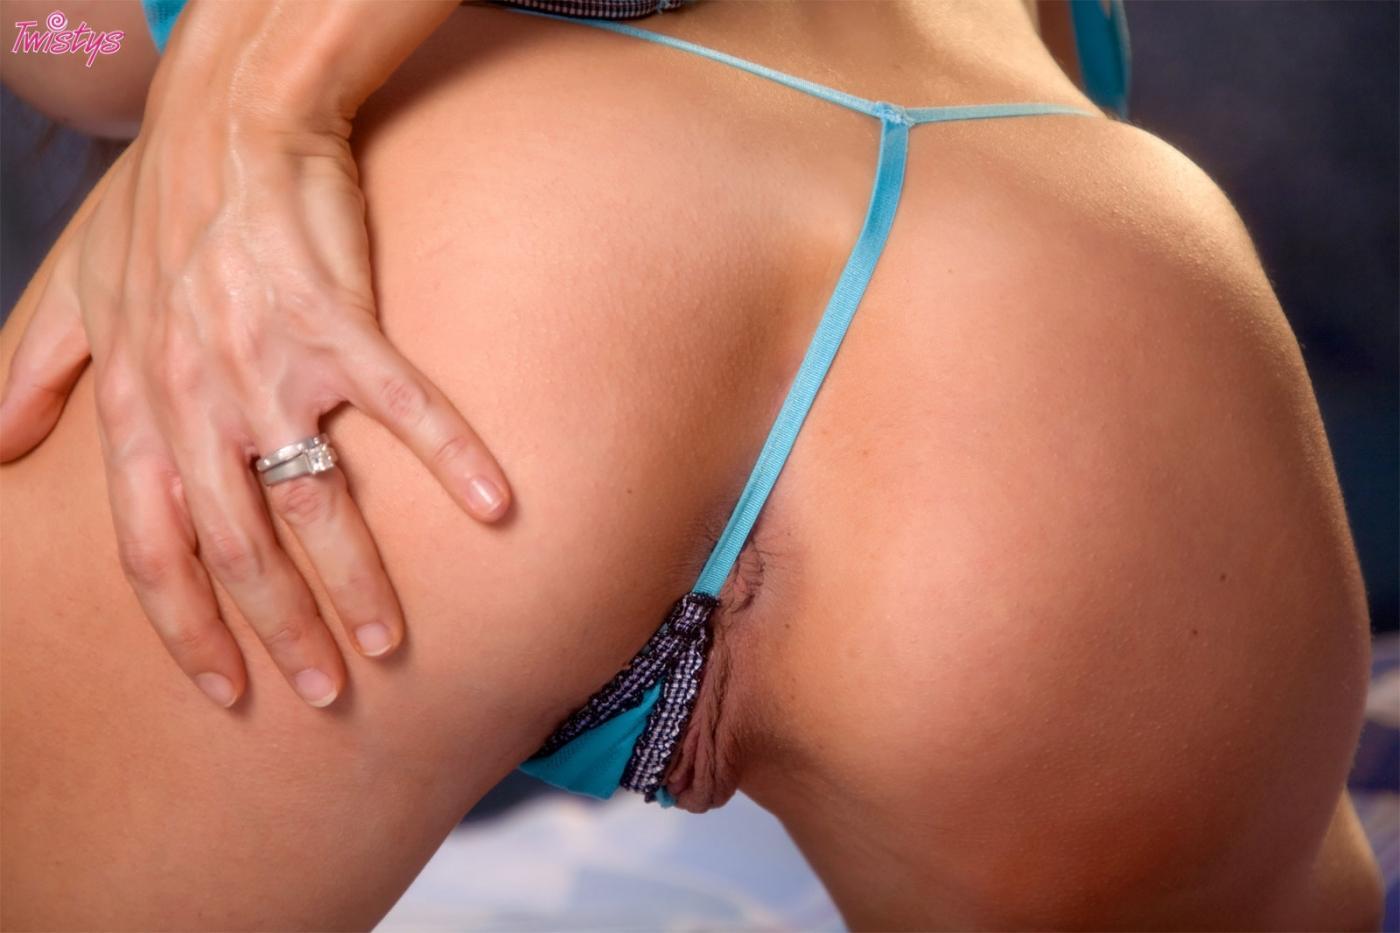 Титькастая мамуля McKenzie Lee в горячем светло-синем нижнем белье выставила напоказ свою розовую щель